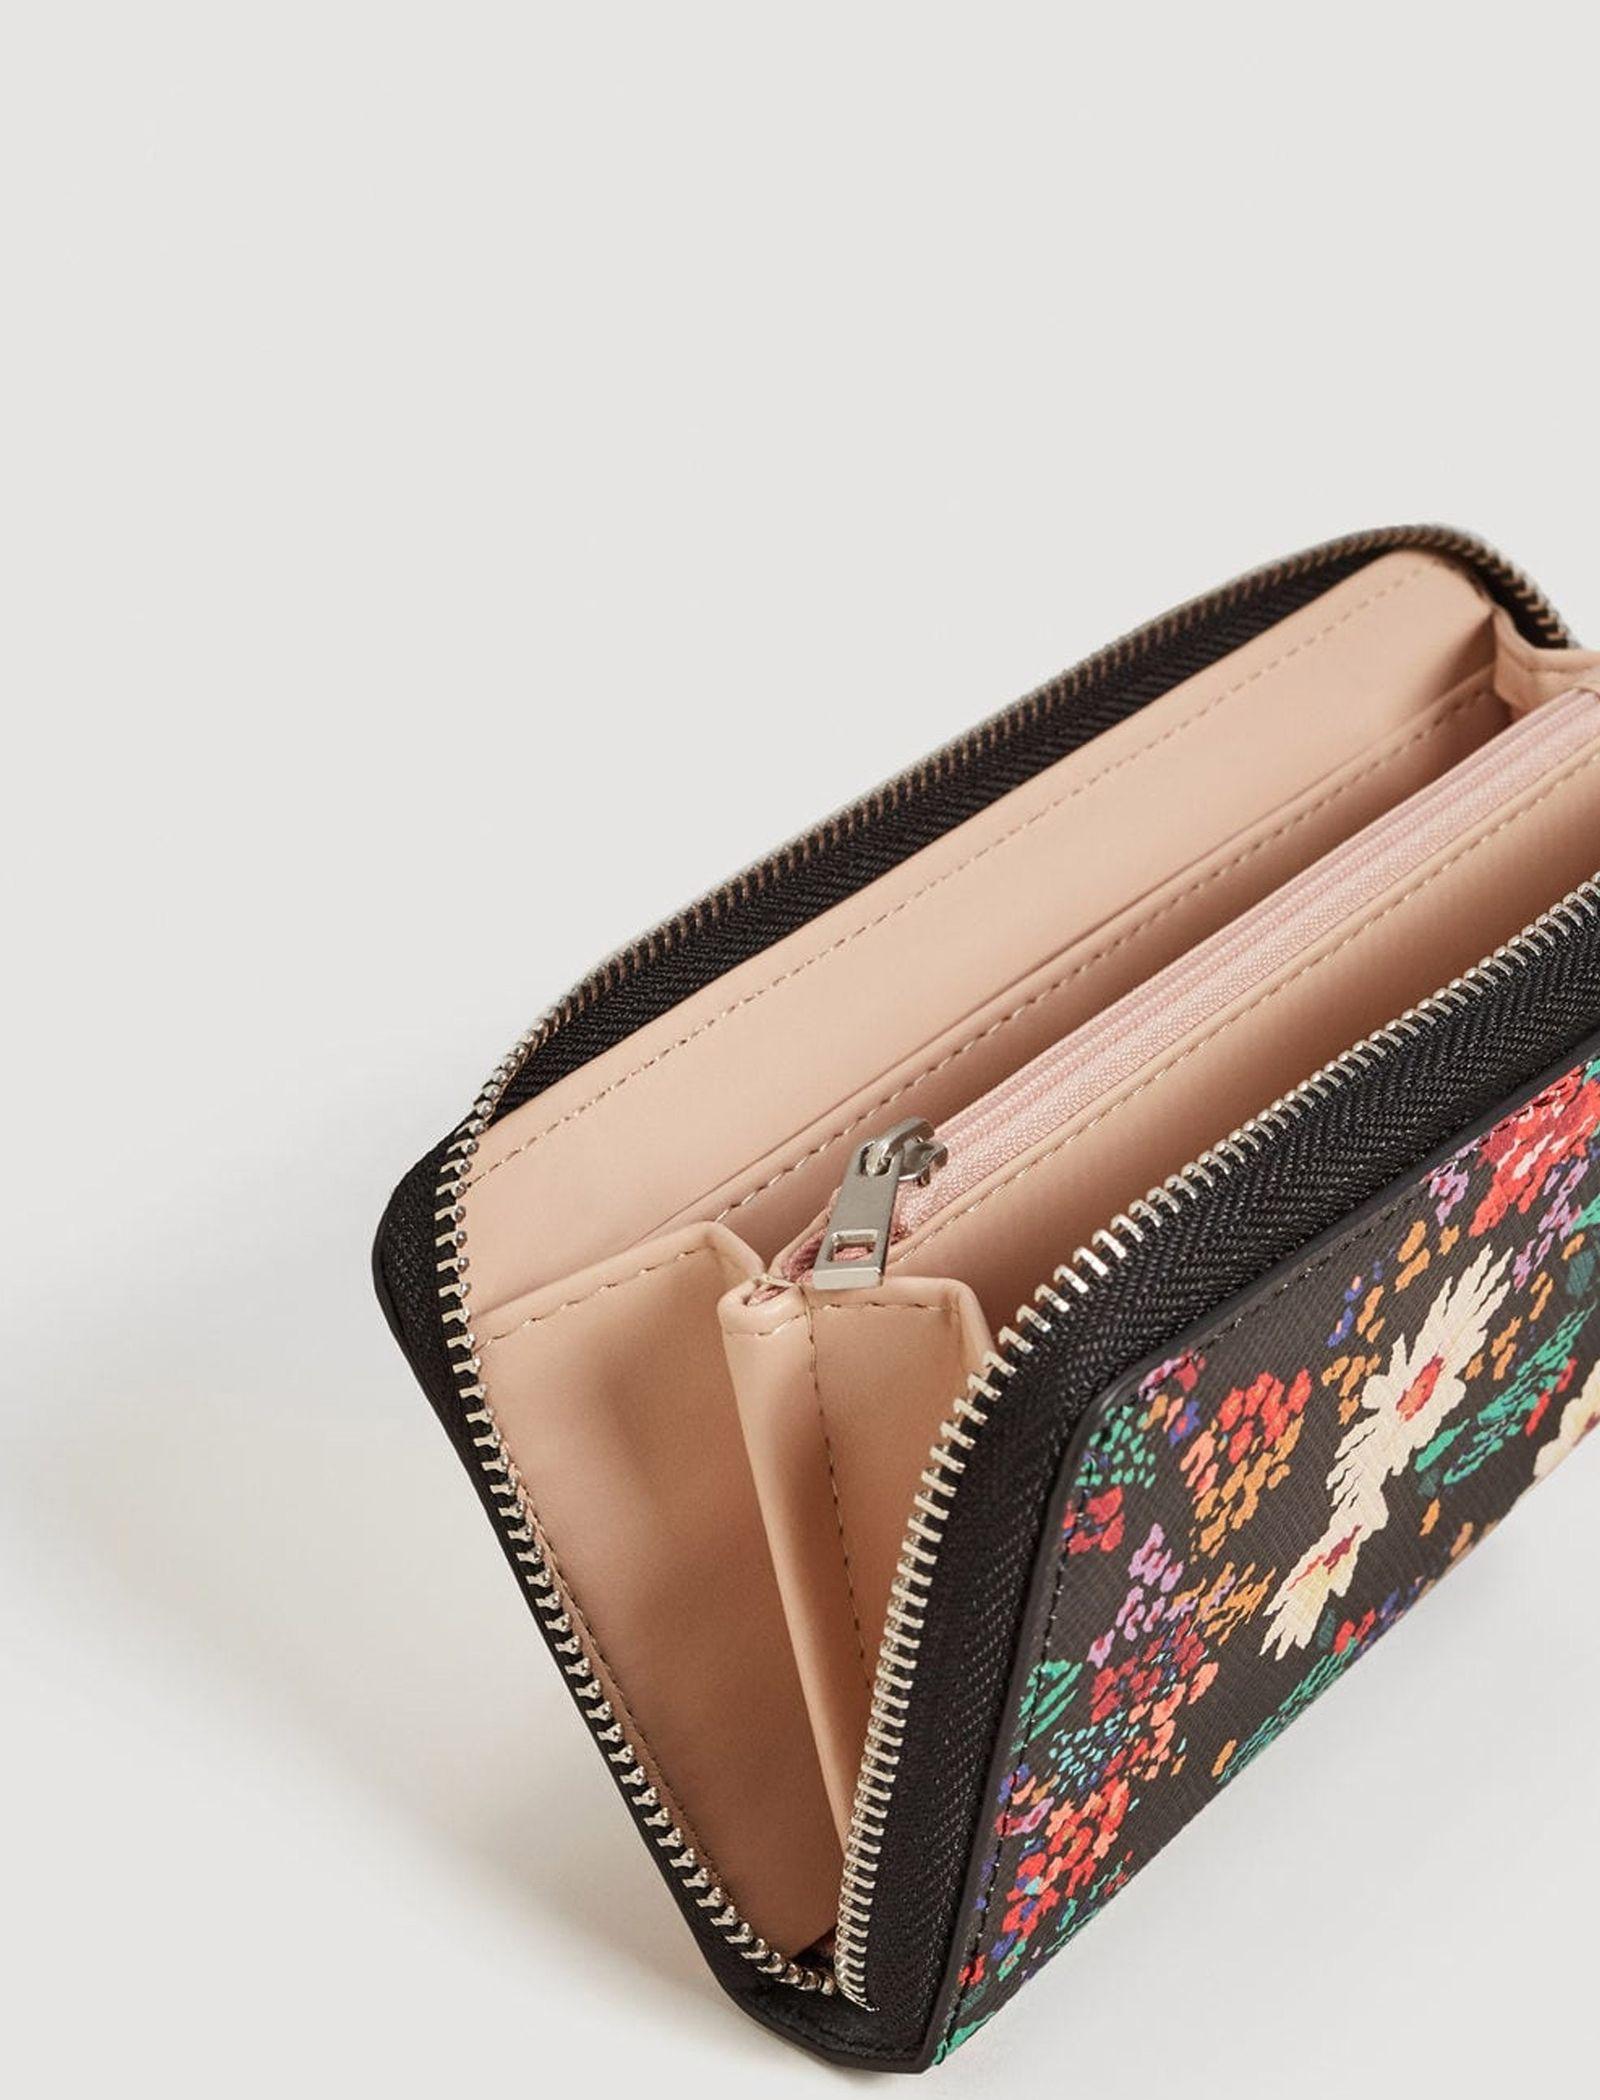 کیف پول زیپ دار زنانه - مانگو - مشکي - 2